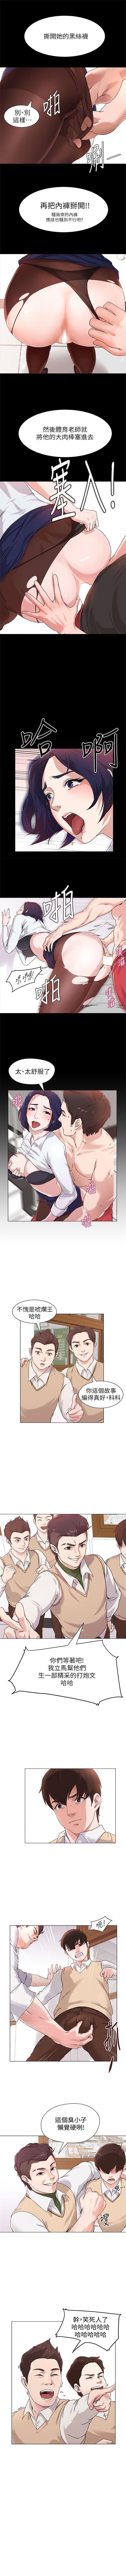 老師 1-80 官方中文(連載中) 3